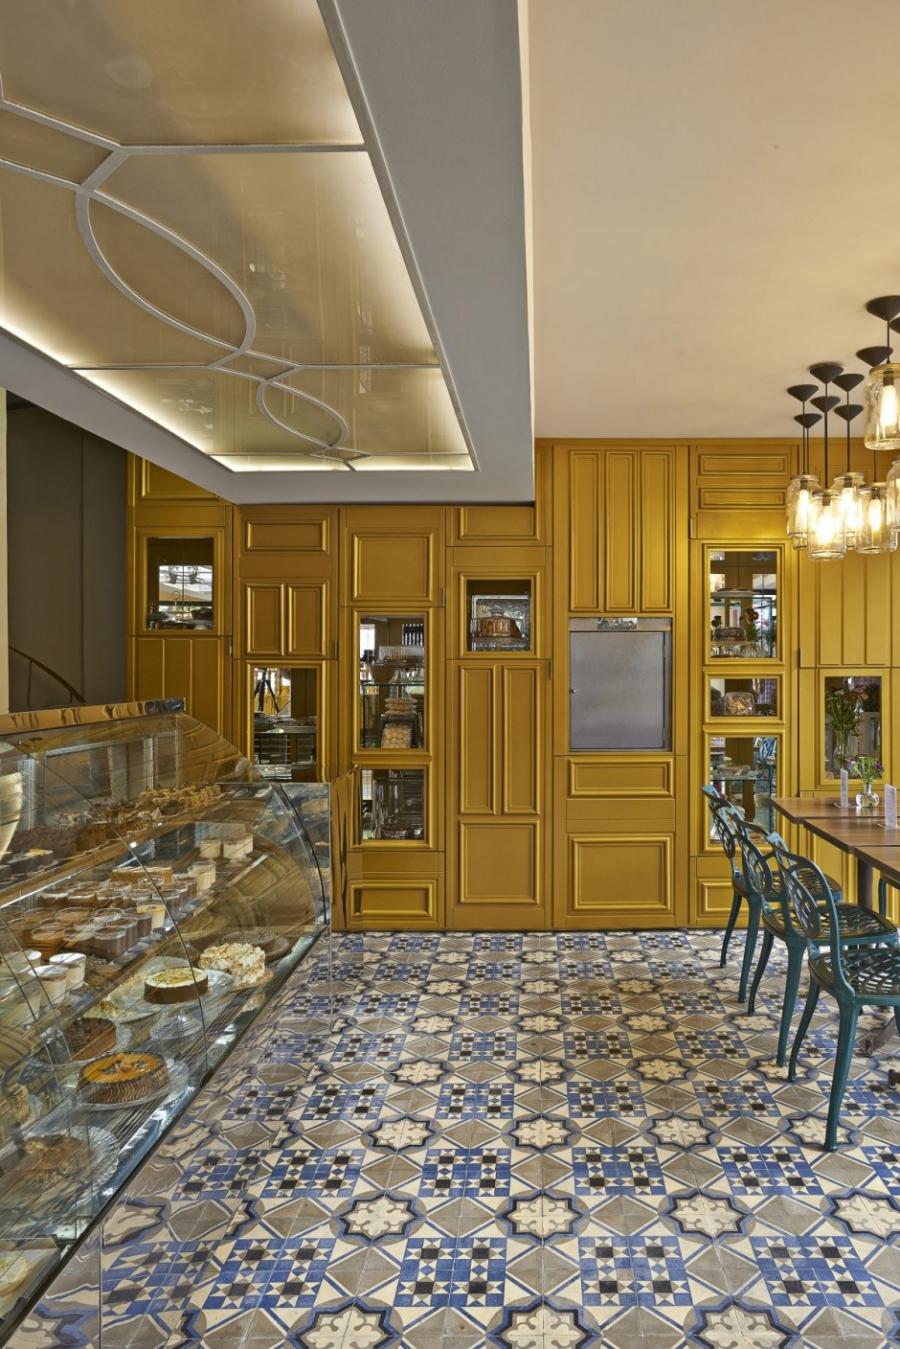 巴西la galette糕点店的空间创意设计